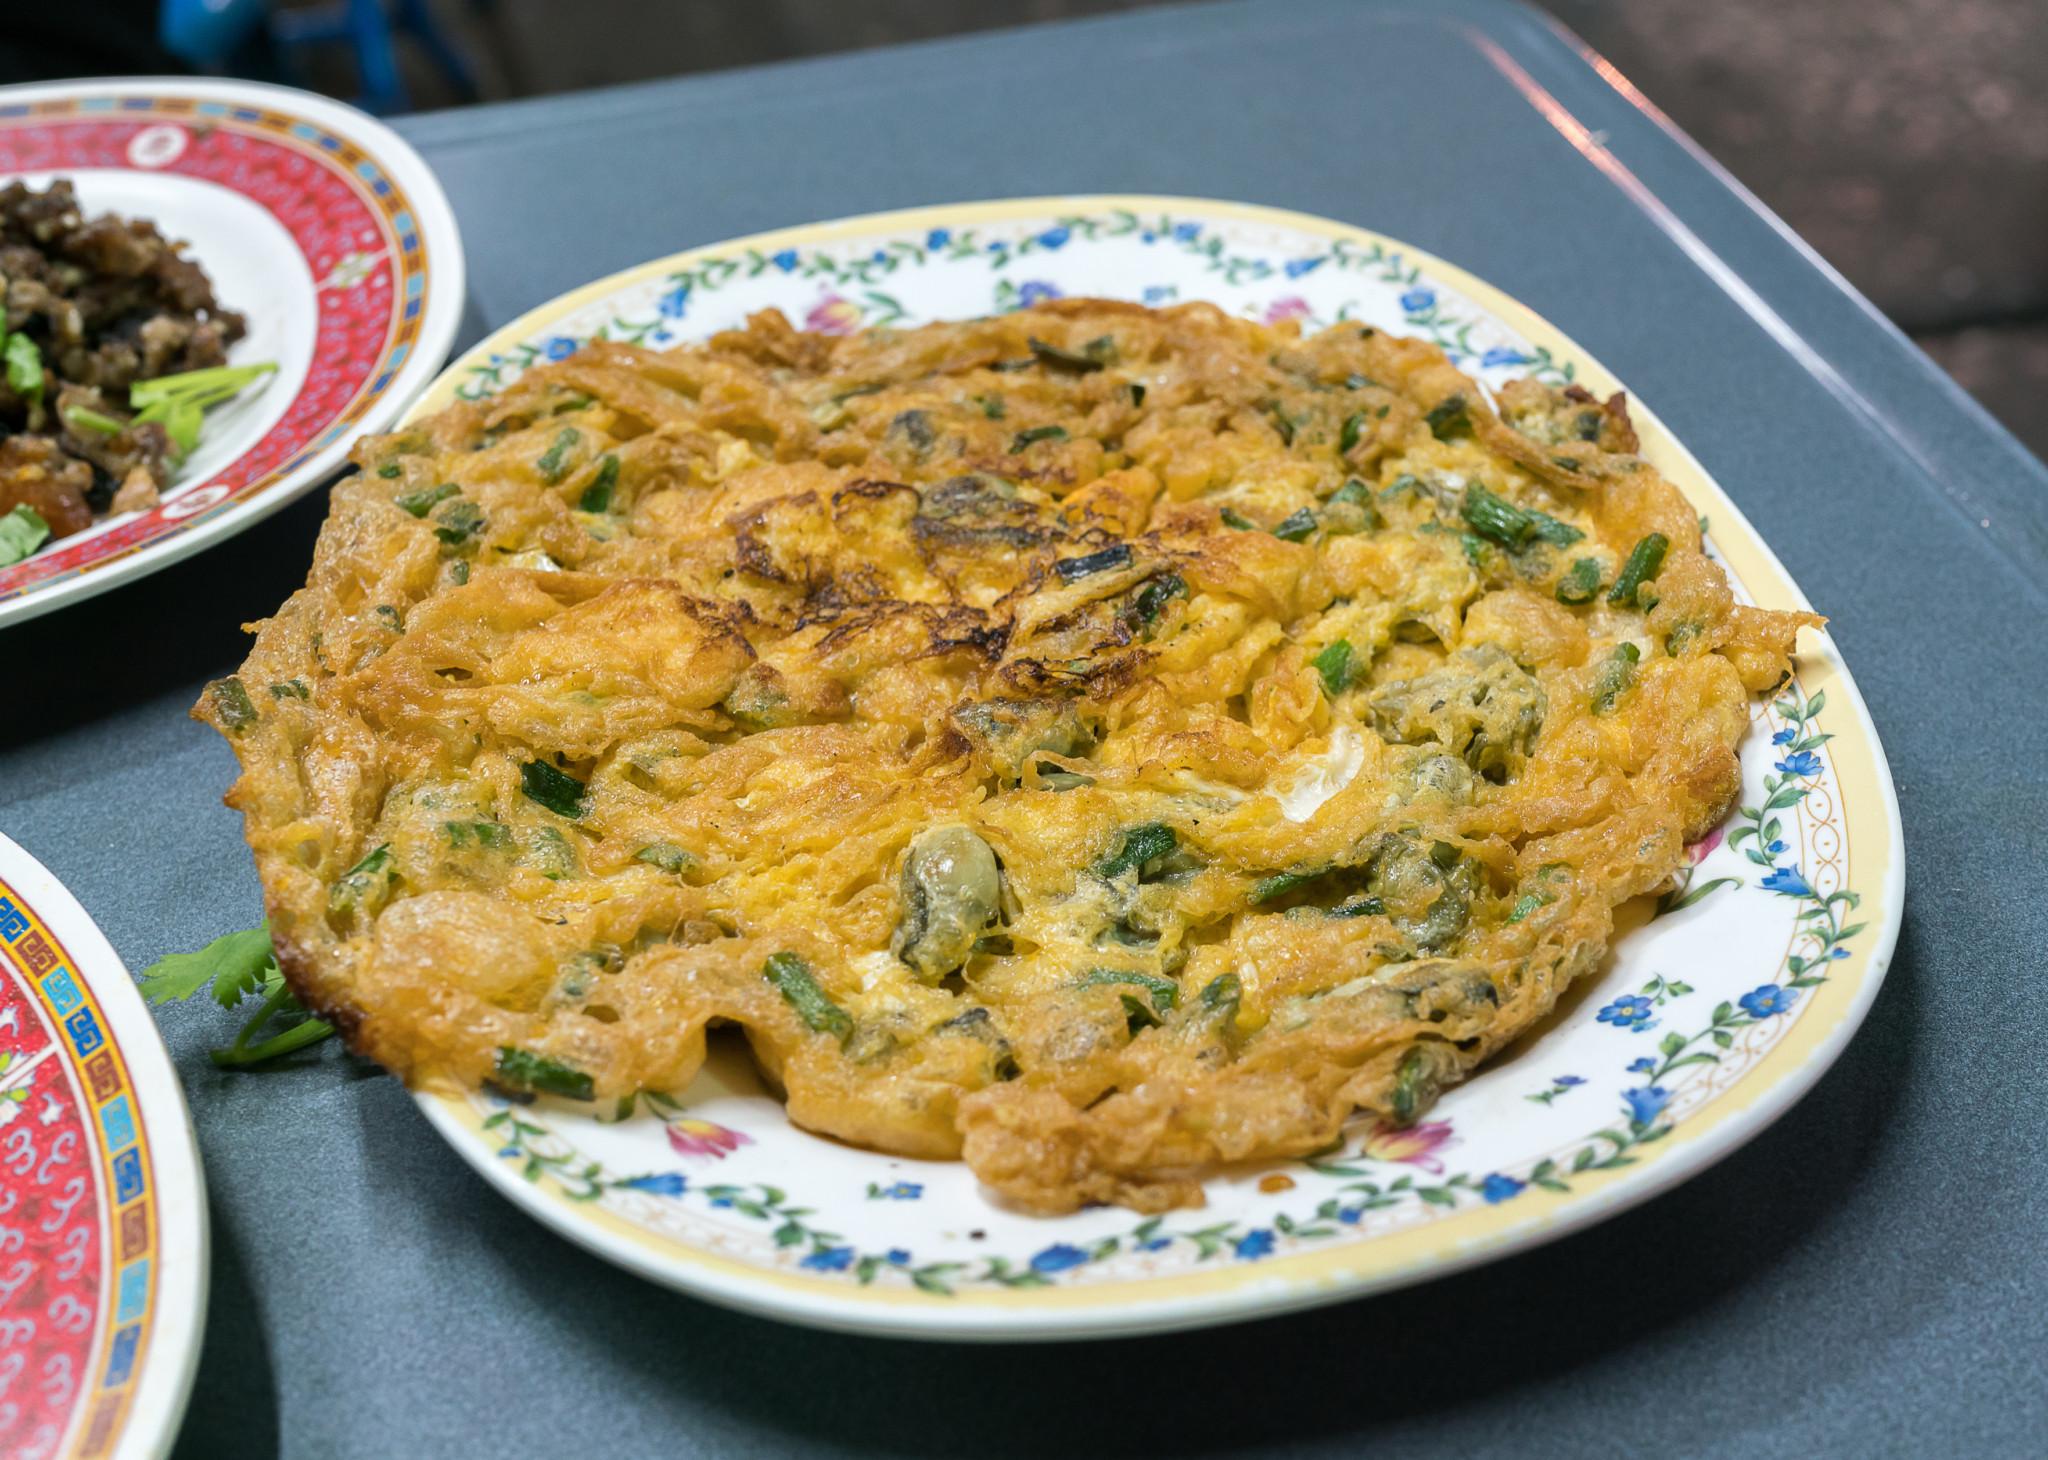 fresh oyster omelette